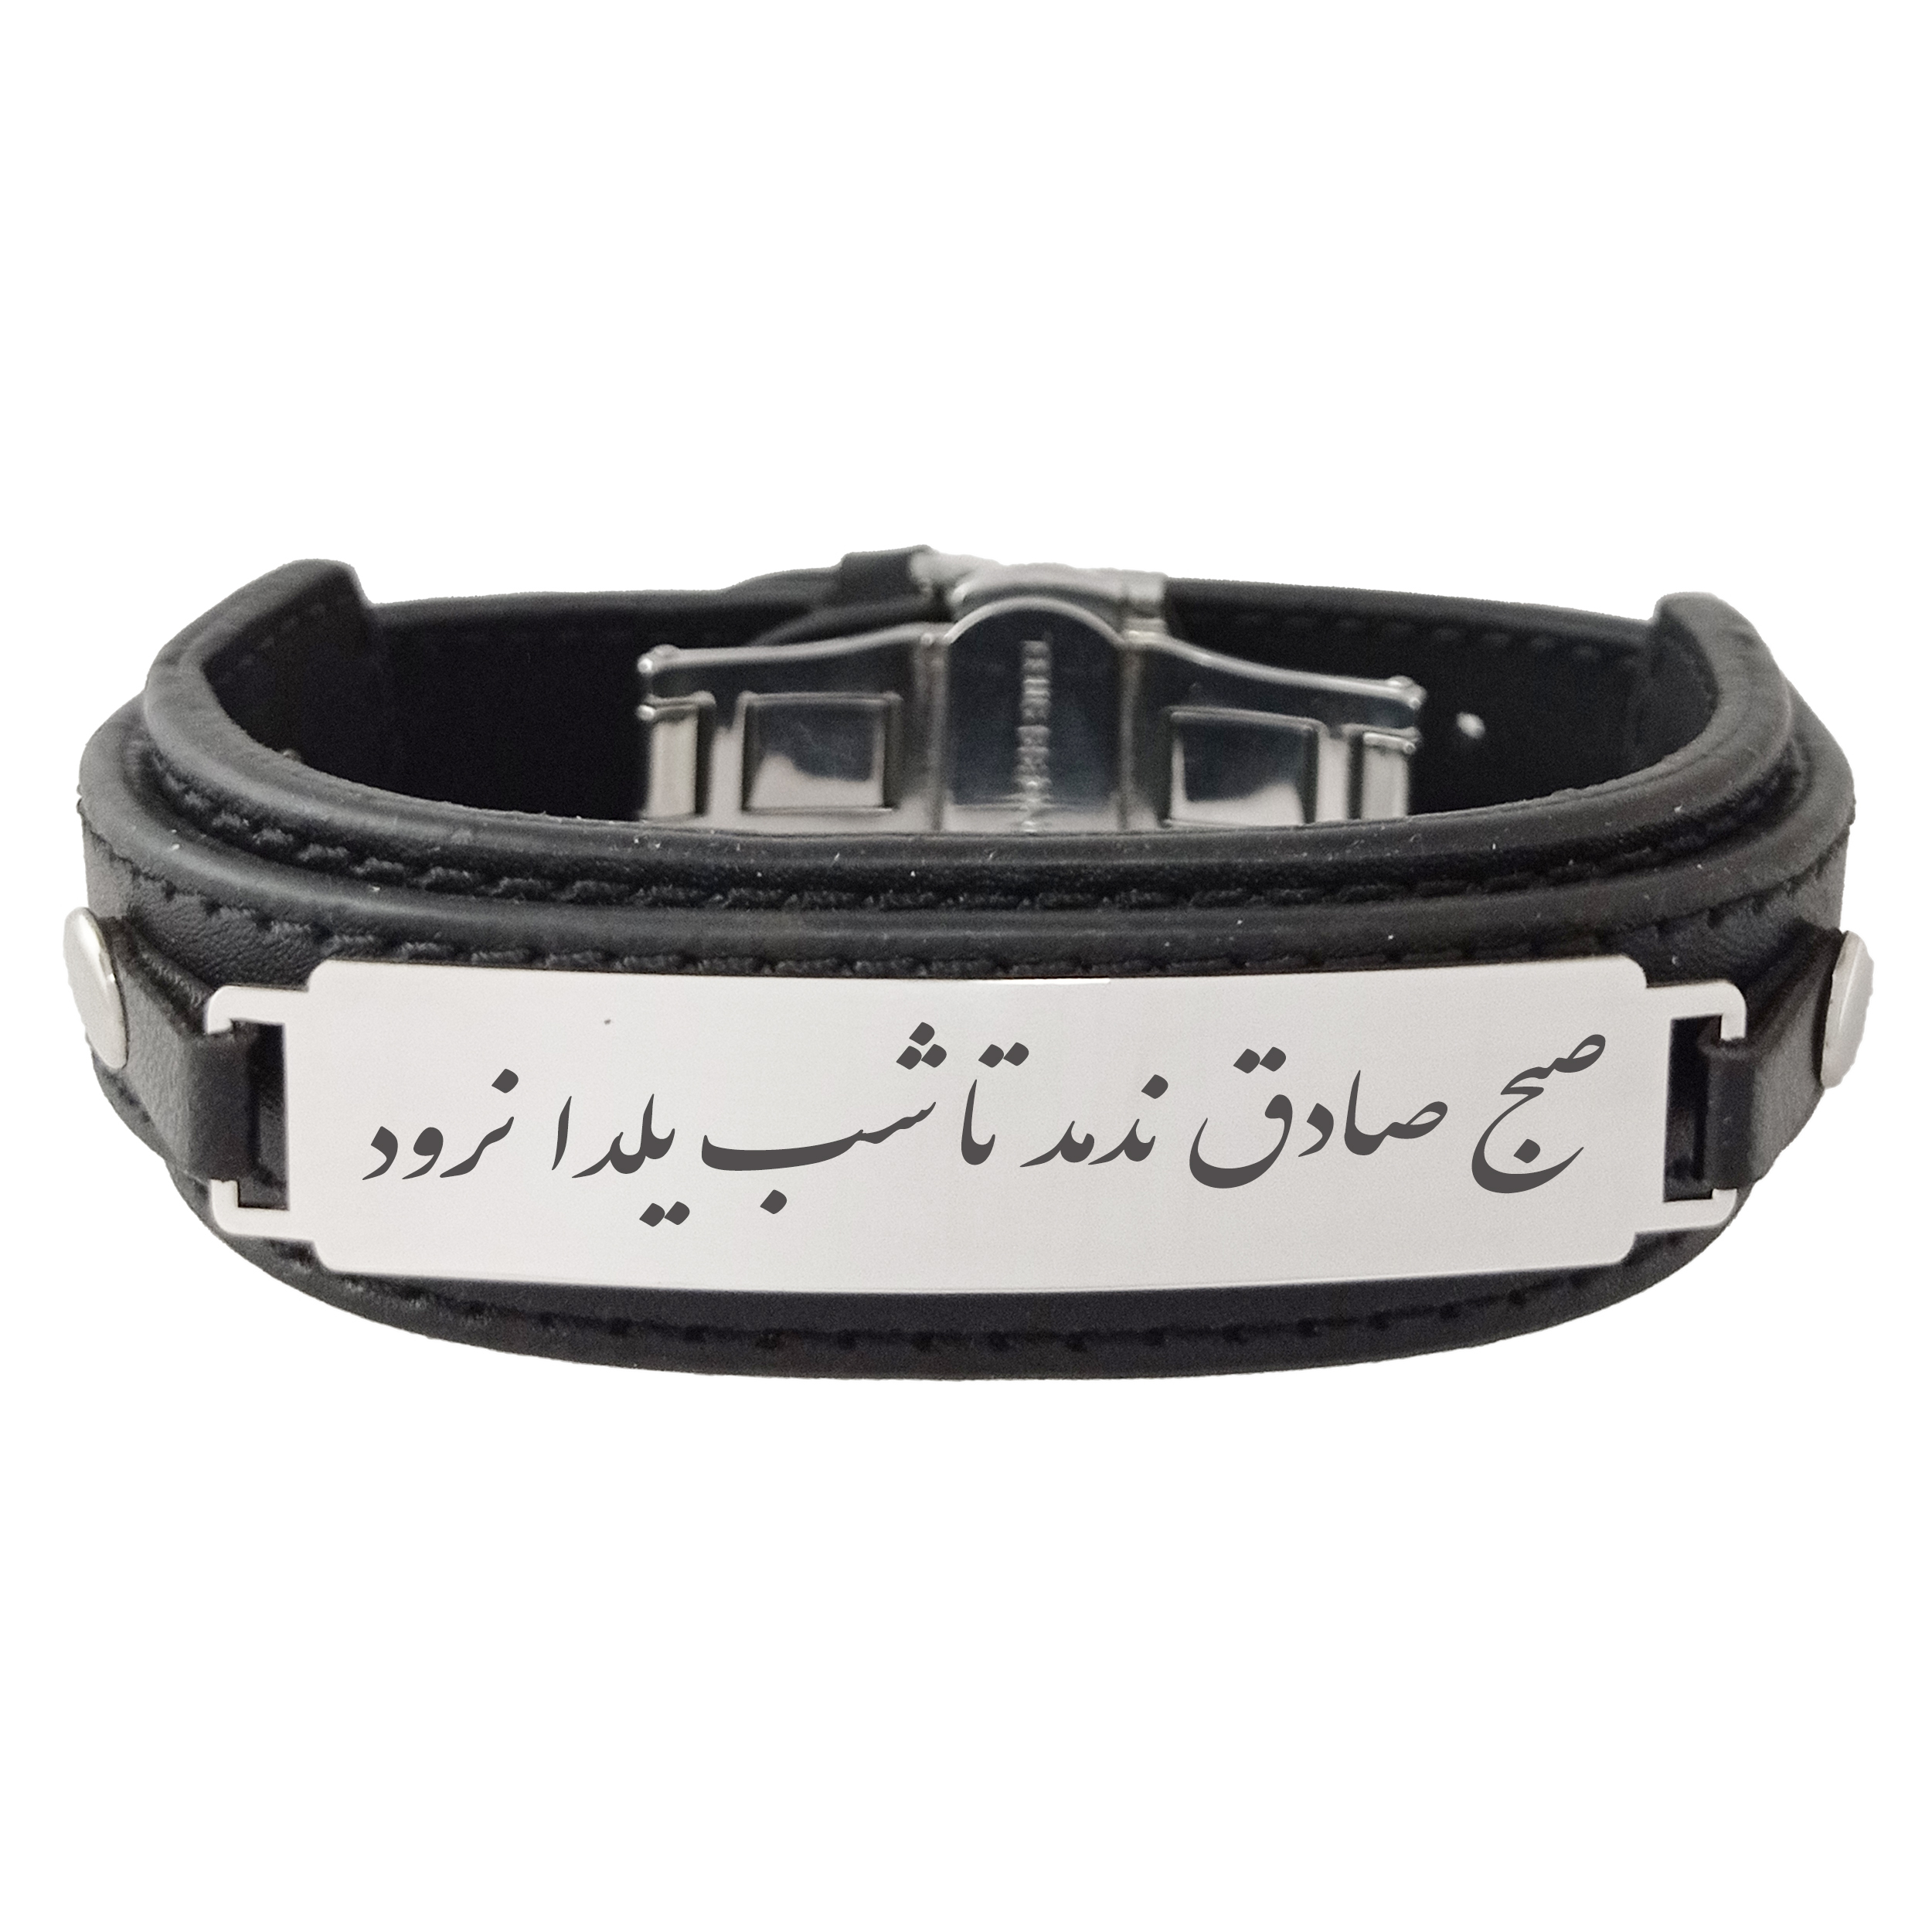 دستبند ترمه ۱ مدل شب یلدا کد Sam 1818